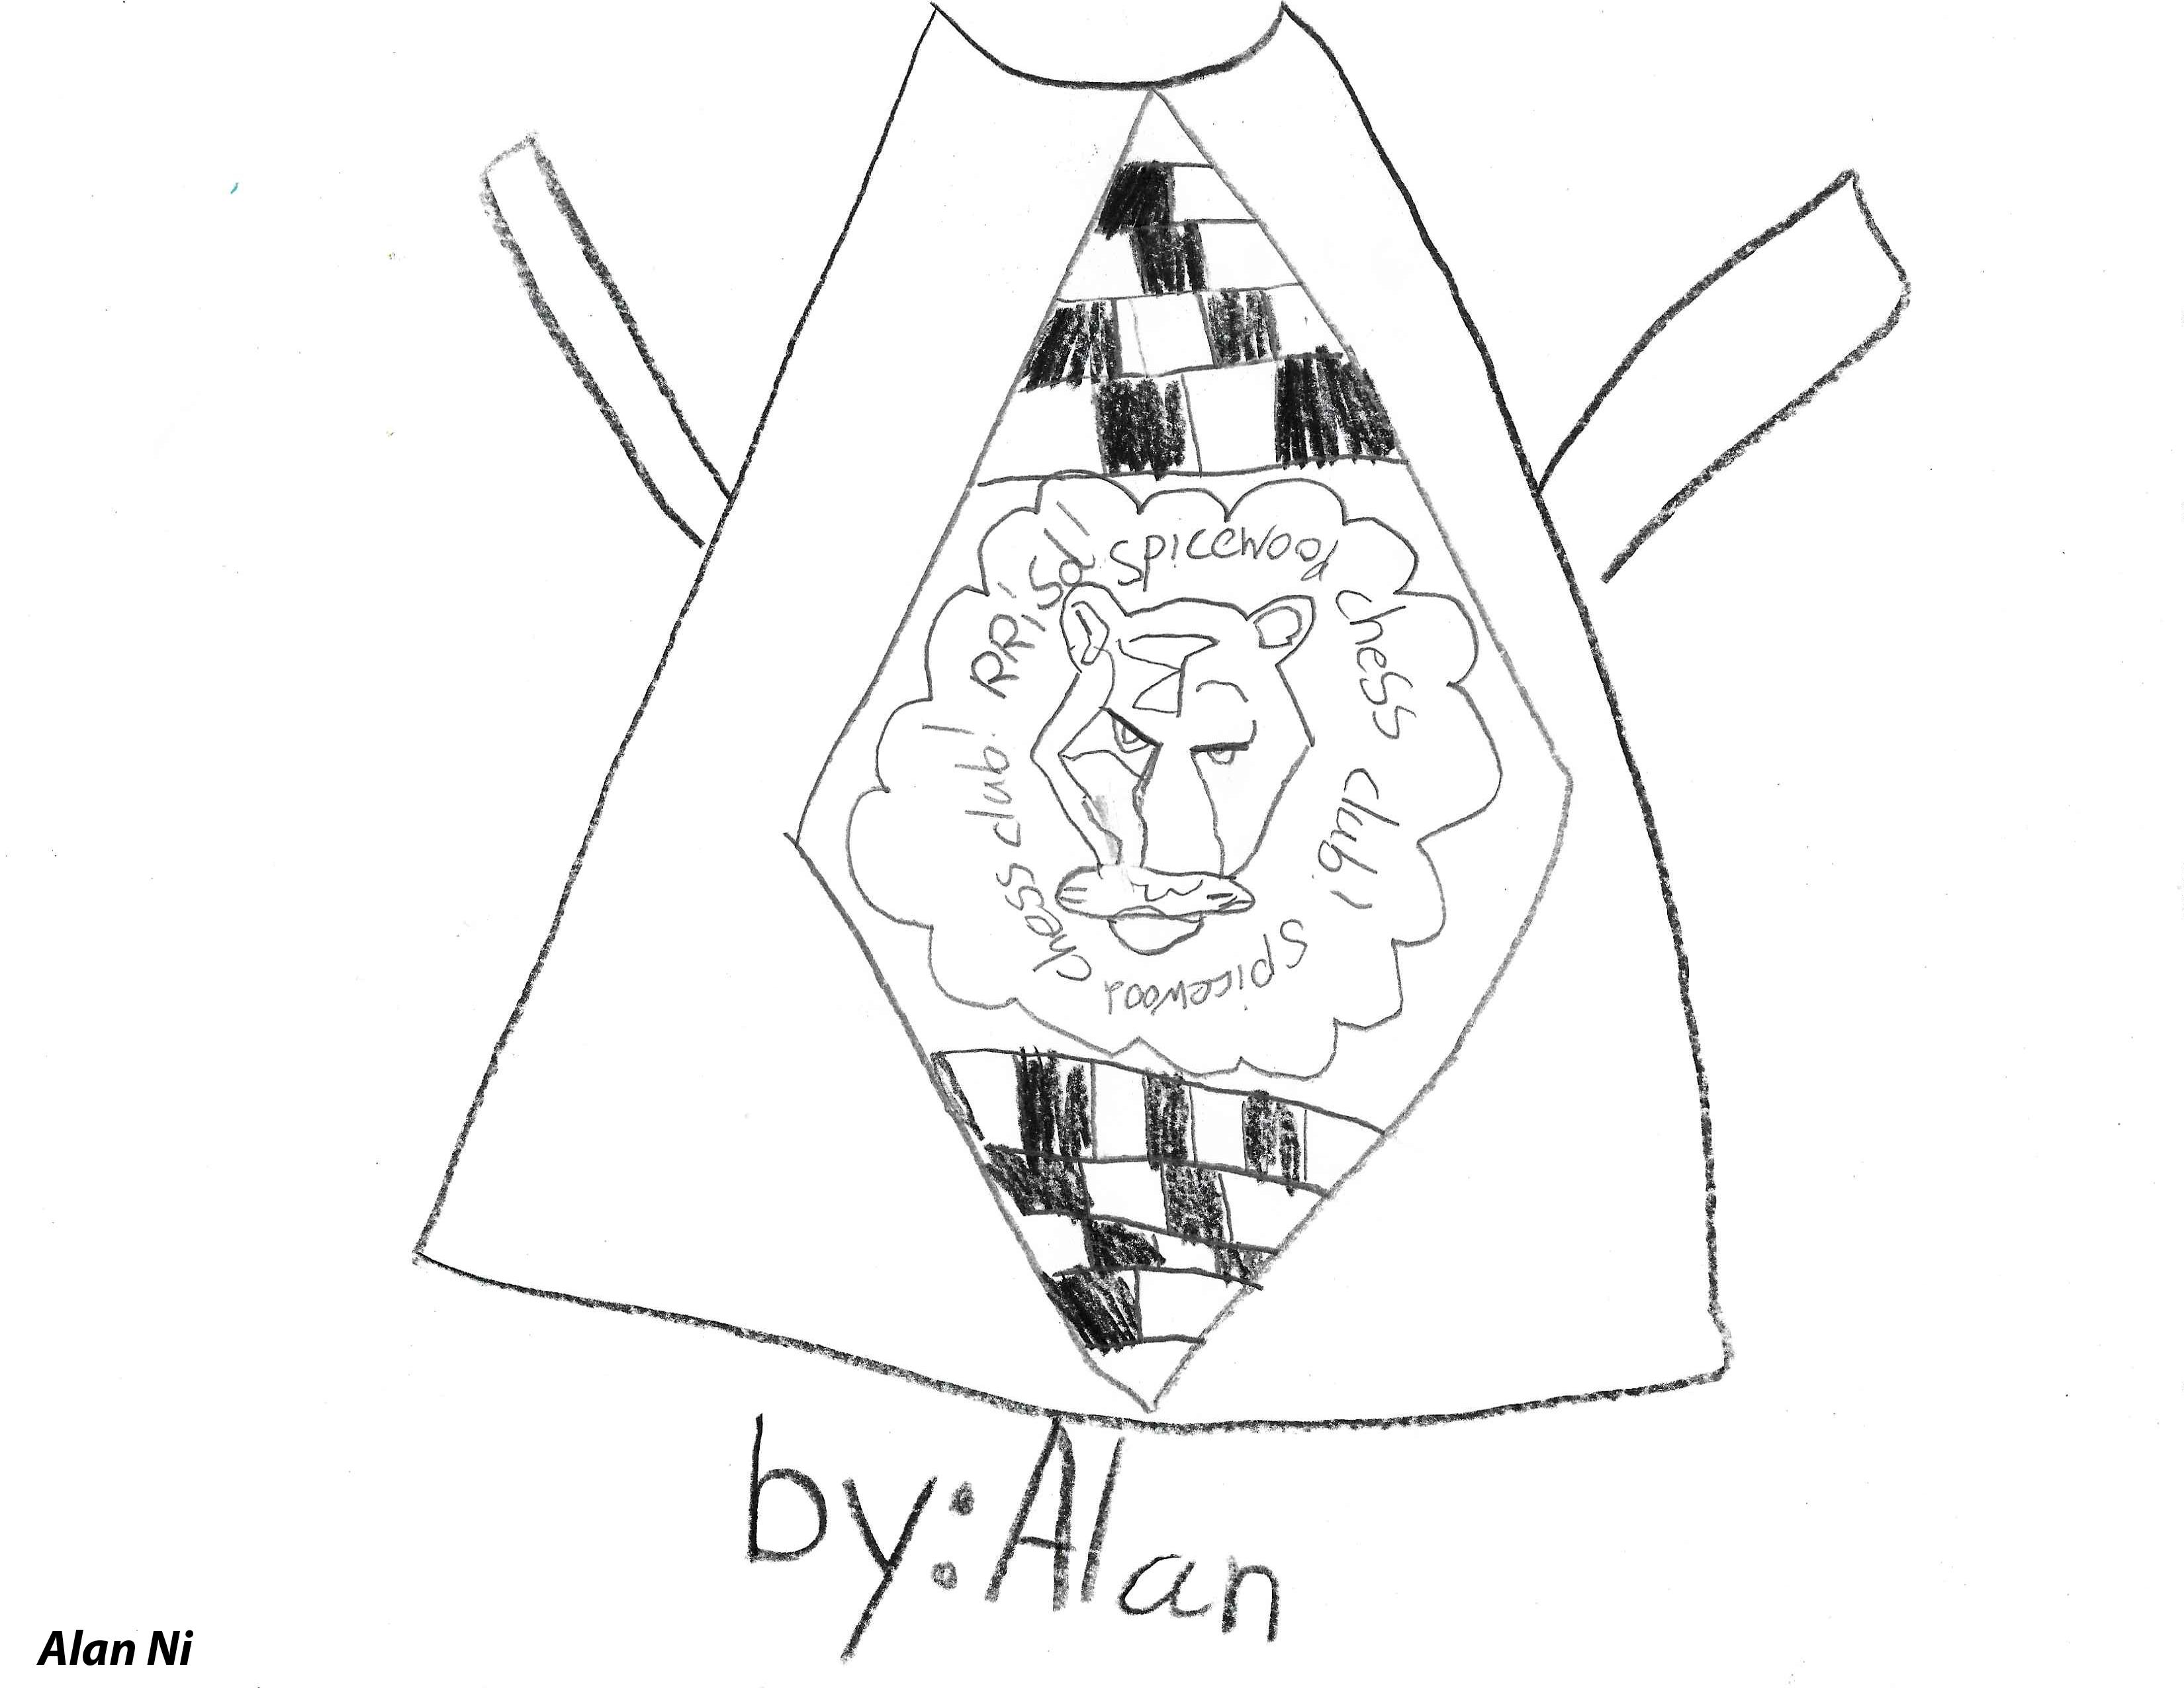 Alan Ni-Chess club t-shirt design